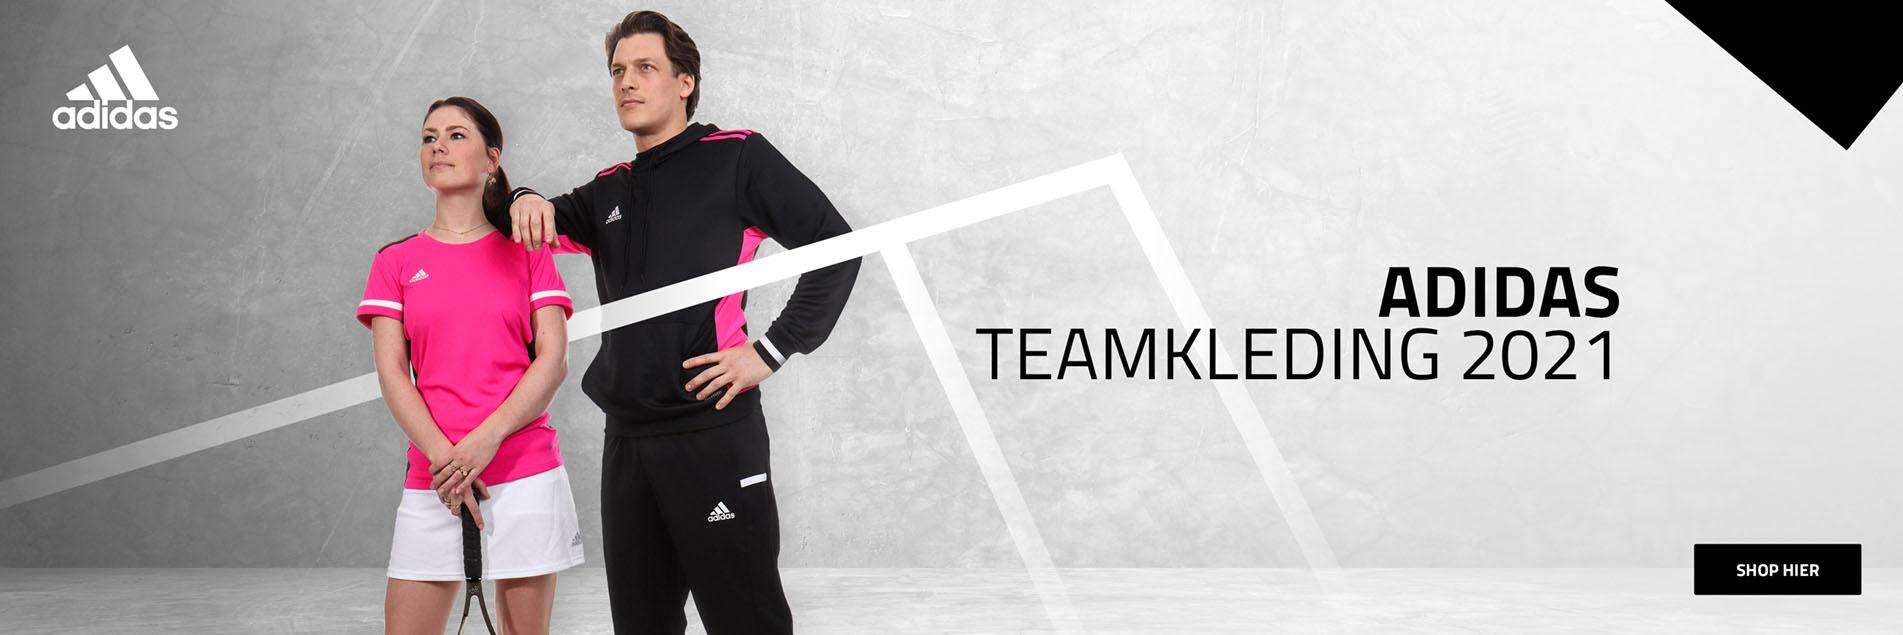 adidas Teamkleding 2021